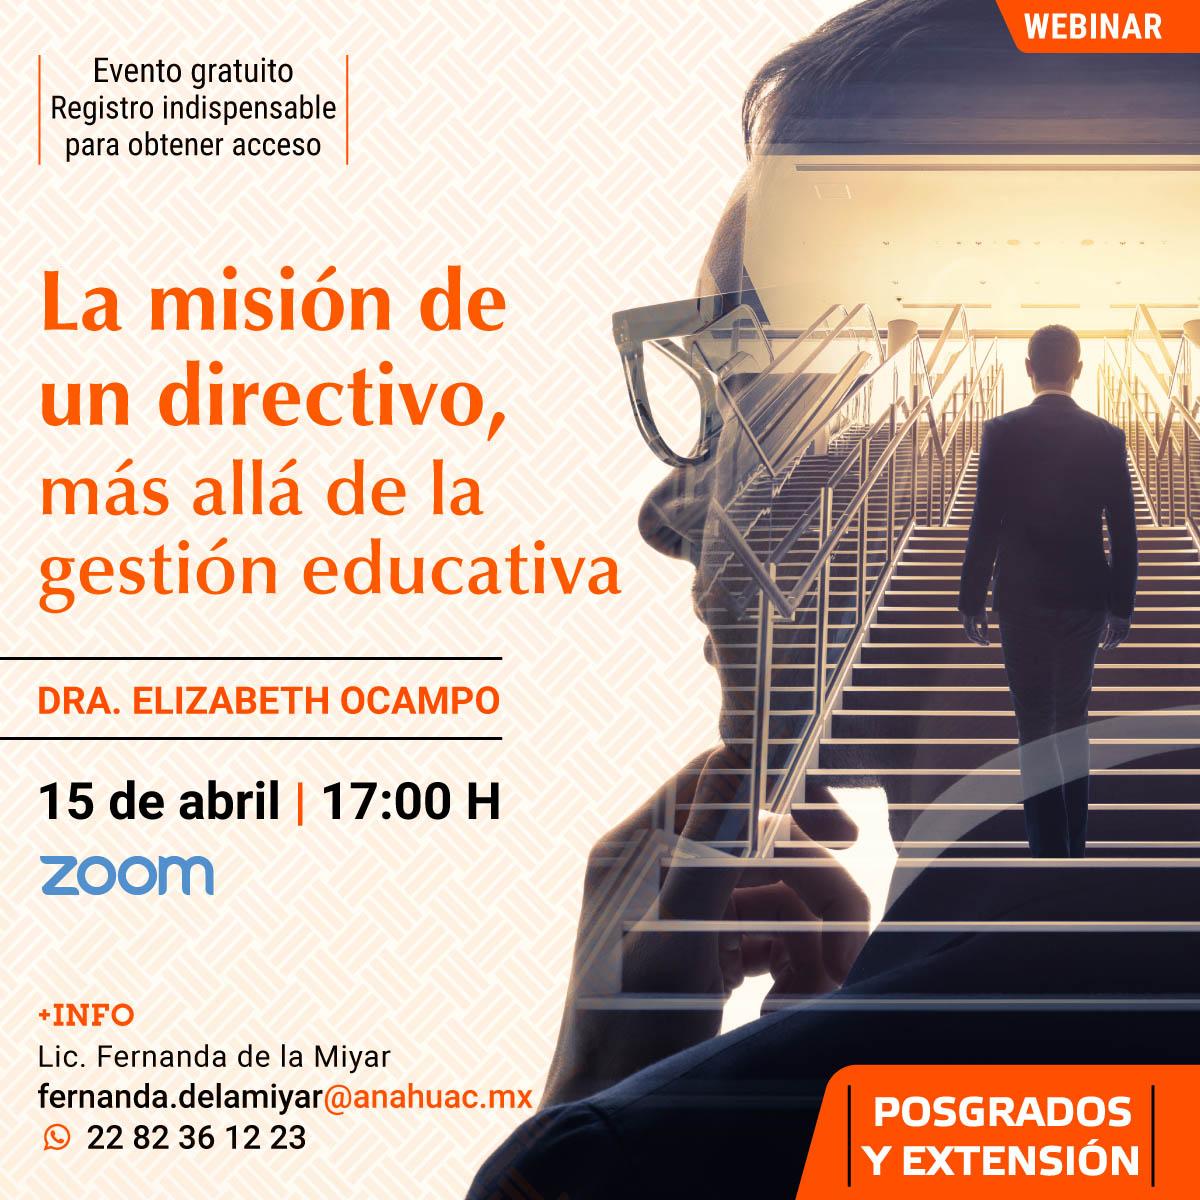 La Misión de un Directivo: Más Allá de la Gestión Educativa